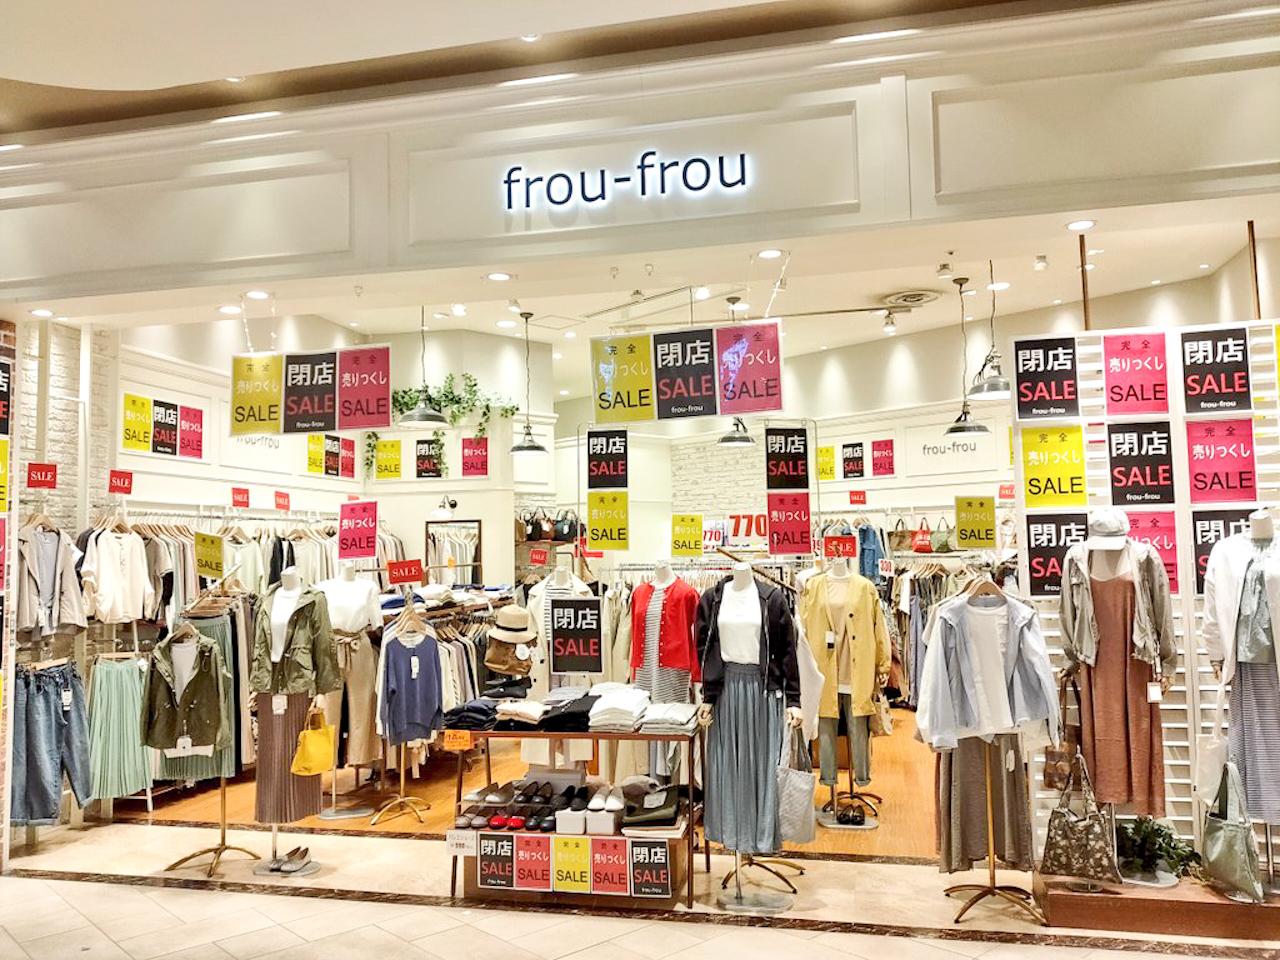 【閉店】frou-frou(フロウフロウ)コクーンシティ店